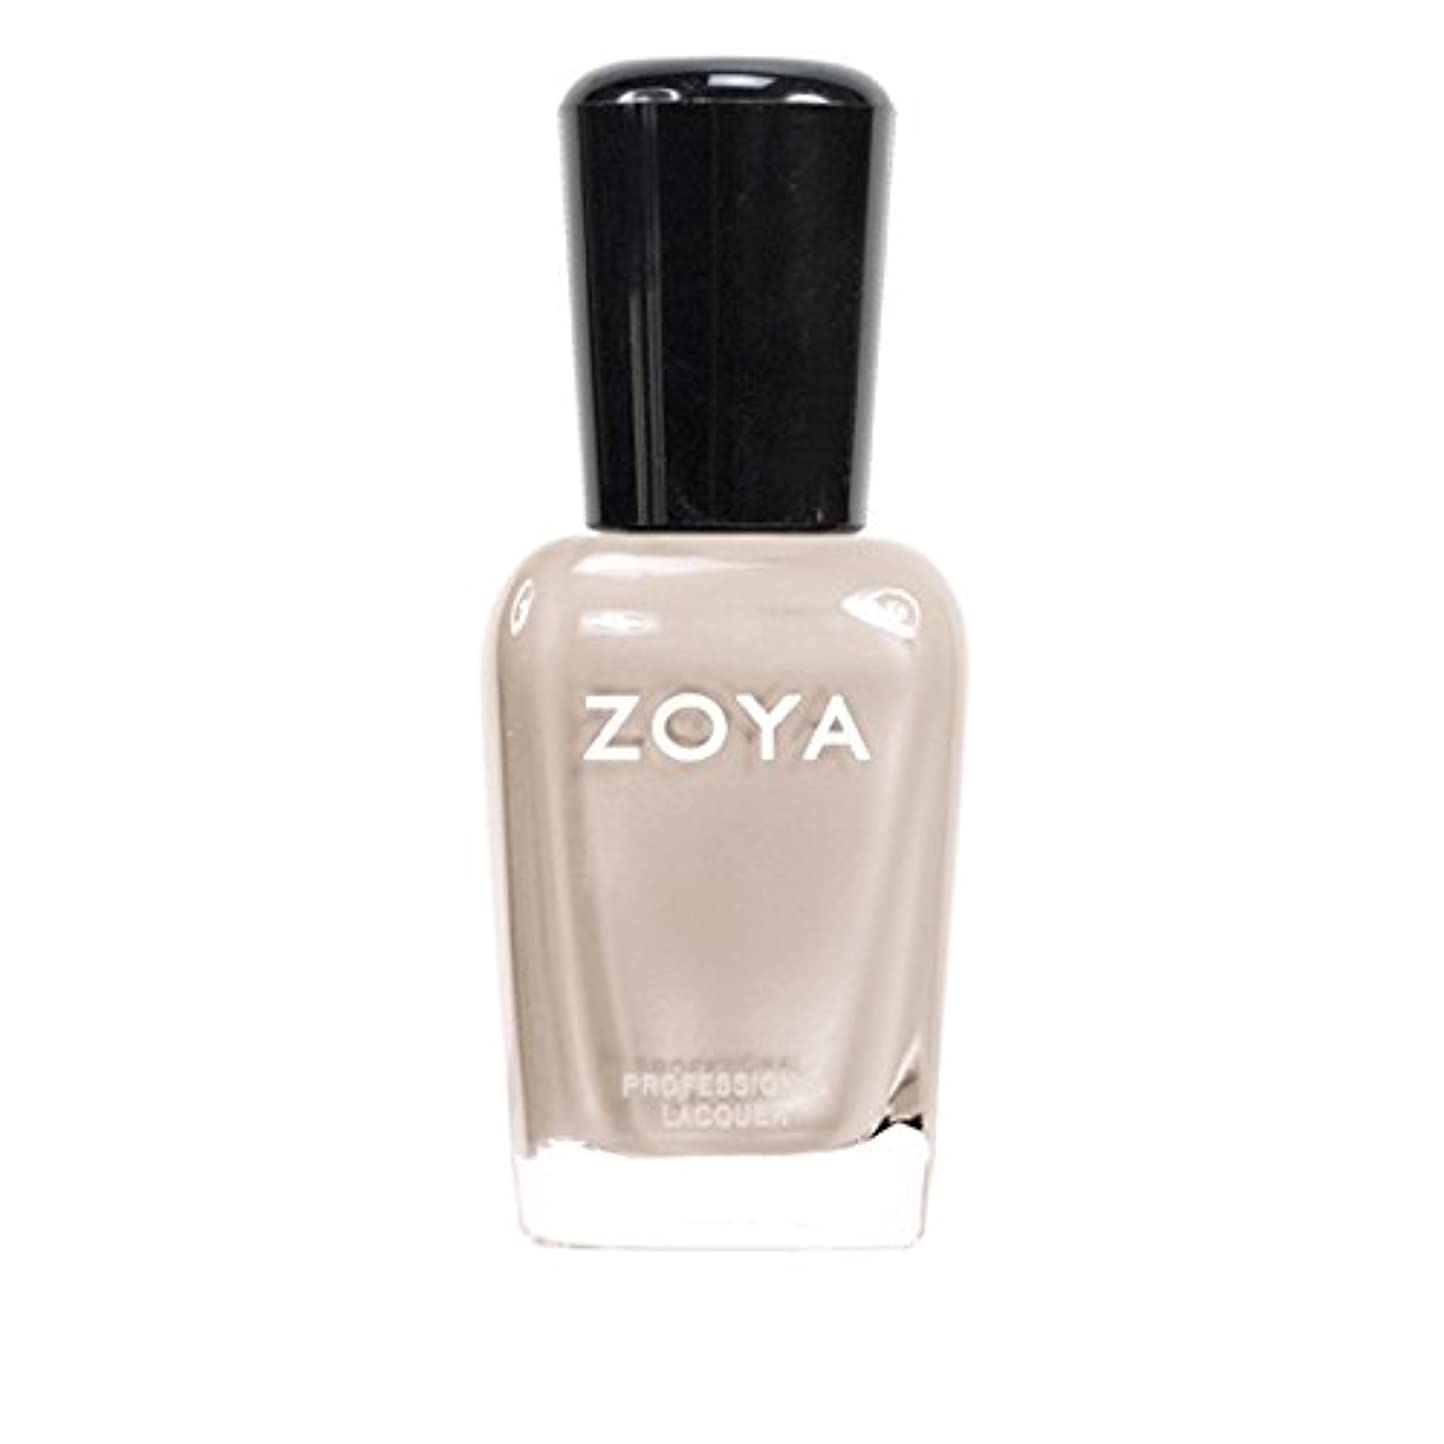 悪性の気怠いかなりのZOYA ゾーヤ ネイルカラーZP561 MINKA ミンカ 15ml 乳白色のヌードベージュ マット 爪にやさしいネイルラッカーマニキュア